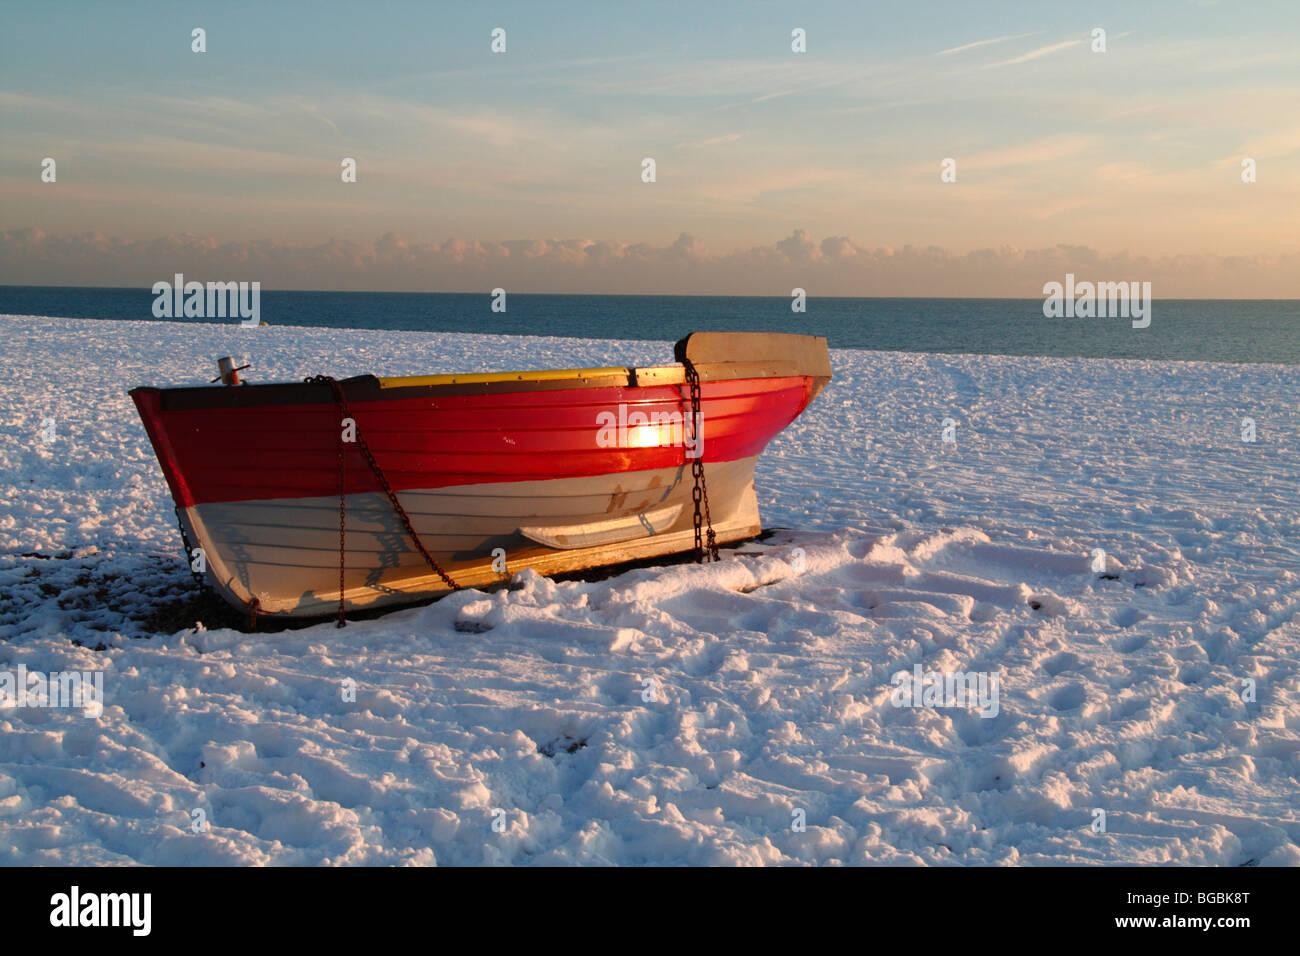 Snow on the city beach (Brighton, England) - Stock Image